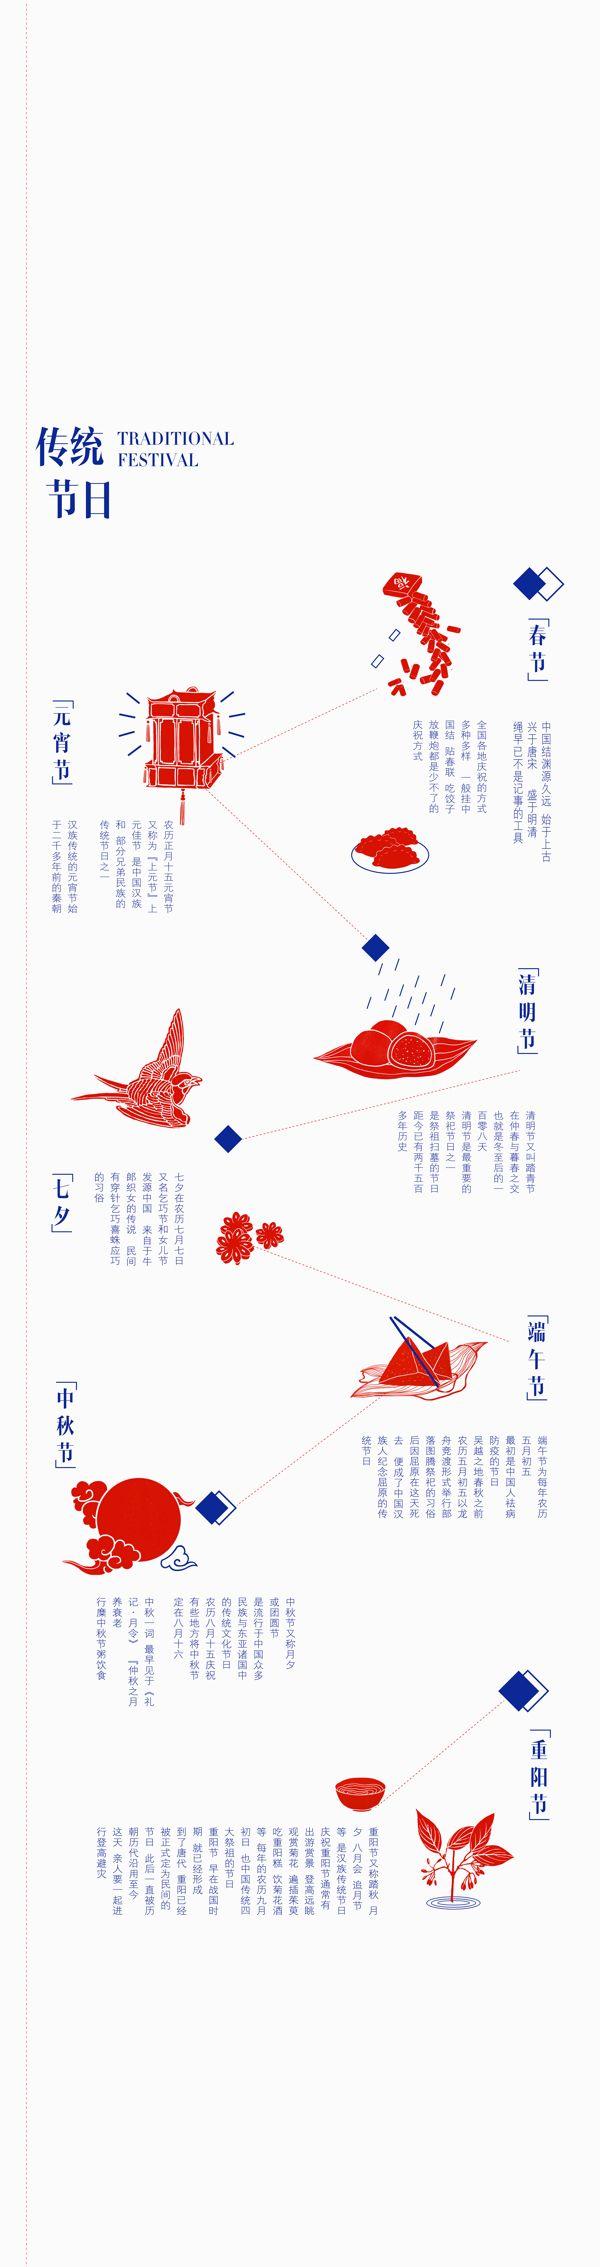 农历再设计 Chinese Lunar Calendar Redesign 该设计以农历中四个方向为出发点:二十四节气 传统节日 黄道吉日 干支纪法。 用插画的方法去全是中国古代农历 让更多人能直观的感受农历,了解农历,是我们此次设计的目的。 Design by:Crystal Chu, Young Yang From : Graphic Design , Shanghai Institute Of Design , China Academy Of Art